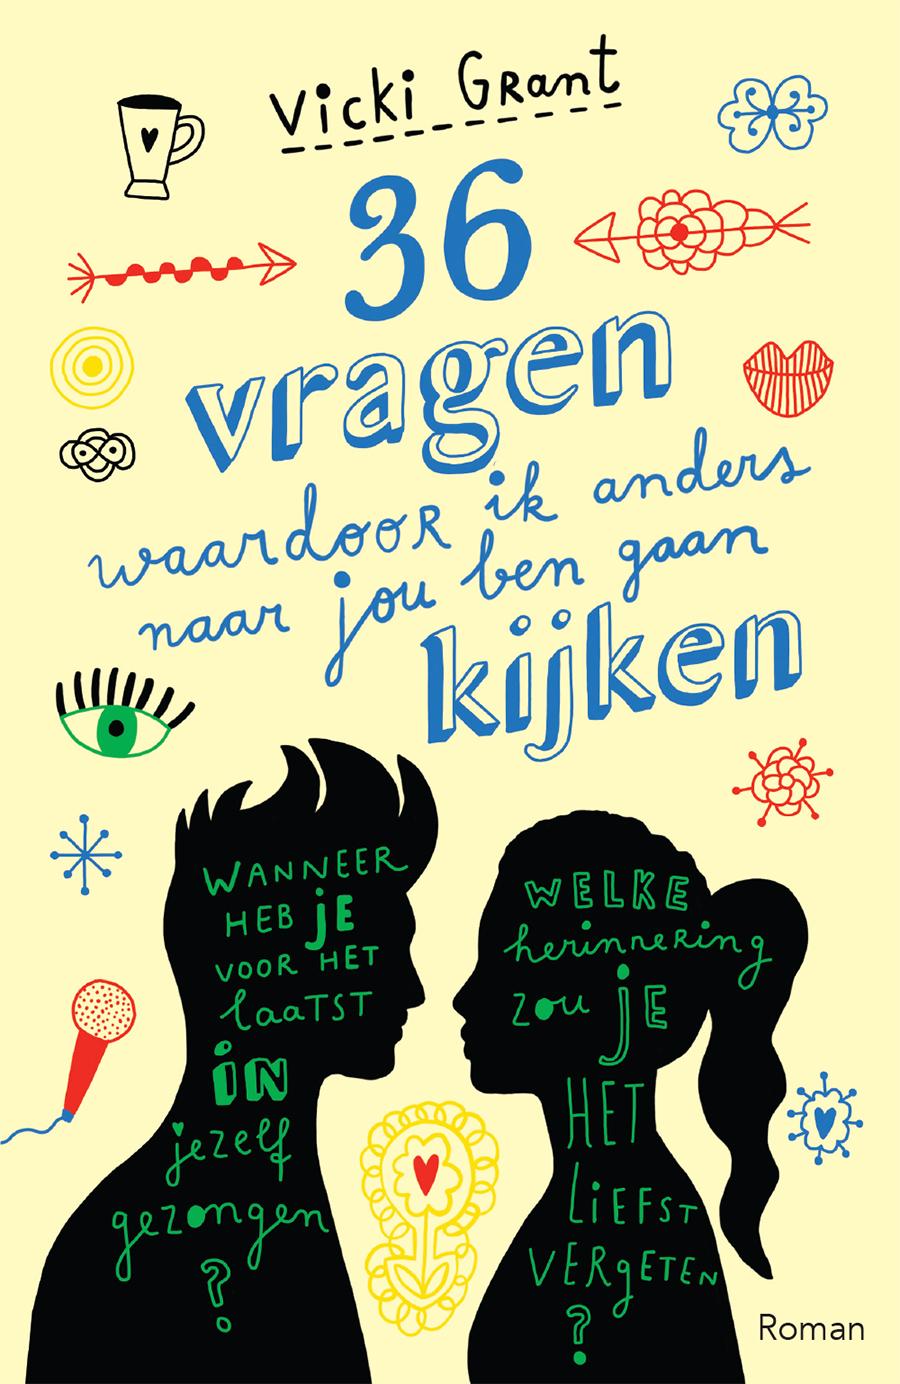 marenthe illustration and design book cover 36 vragen by Vicki Grant.jpg